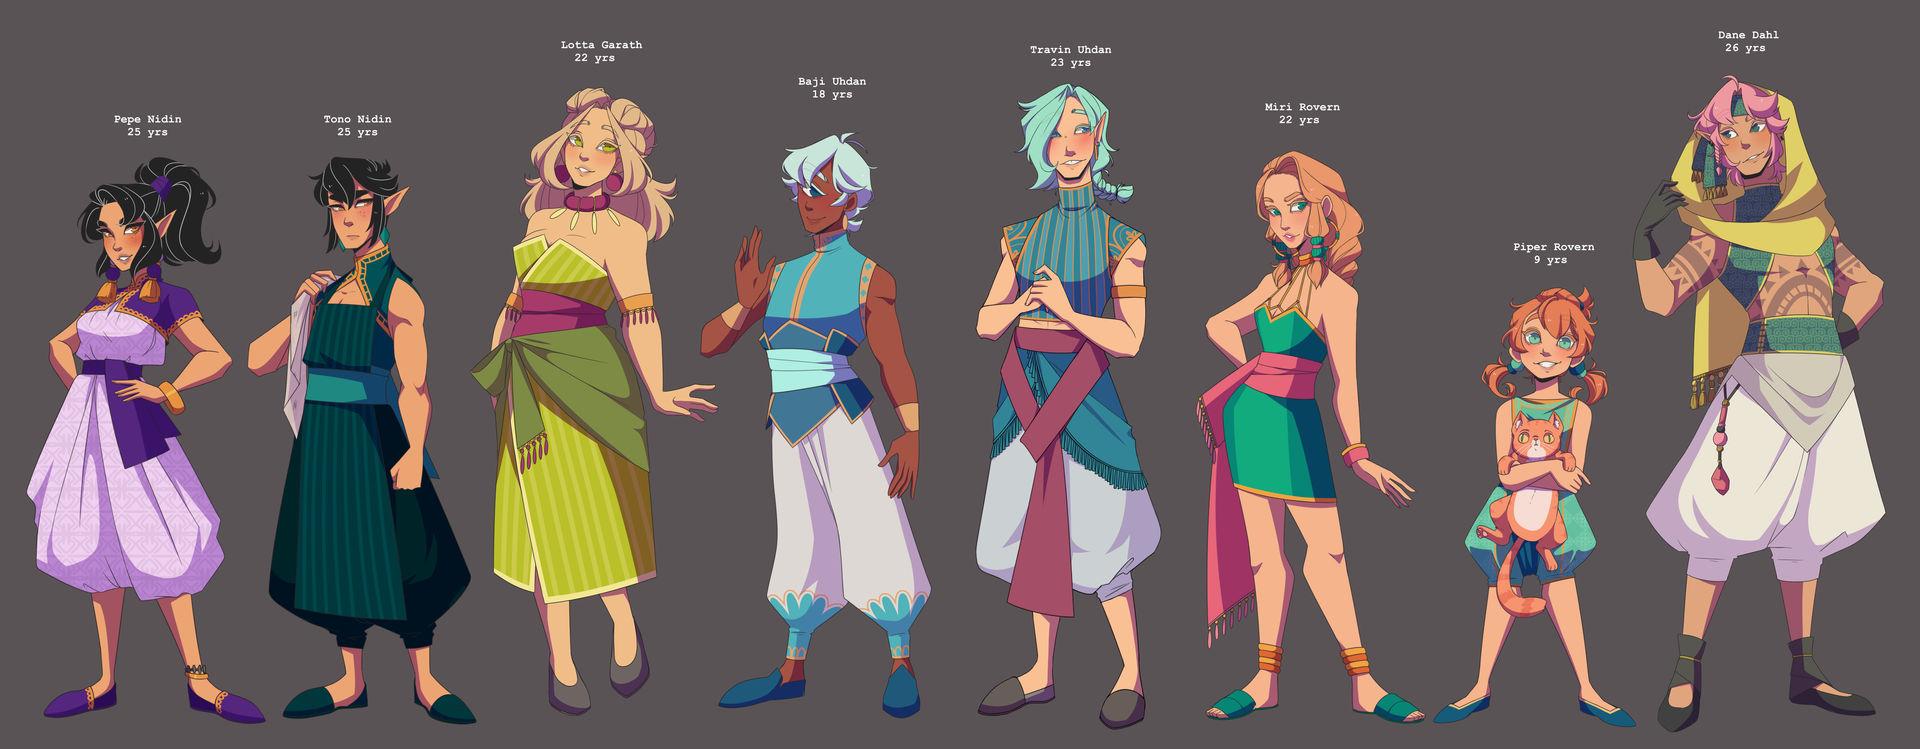 Character designs prt 2 by Looji